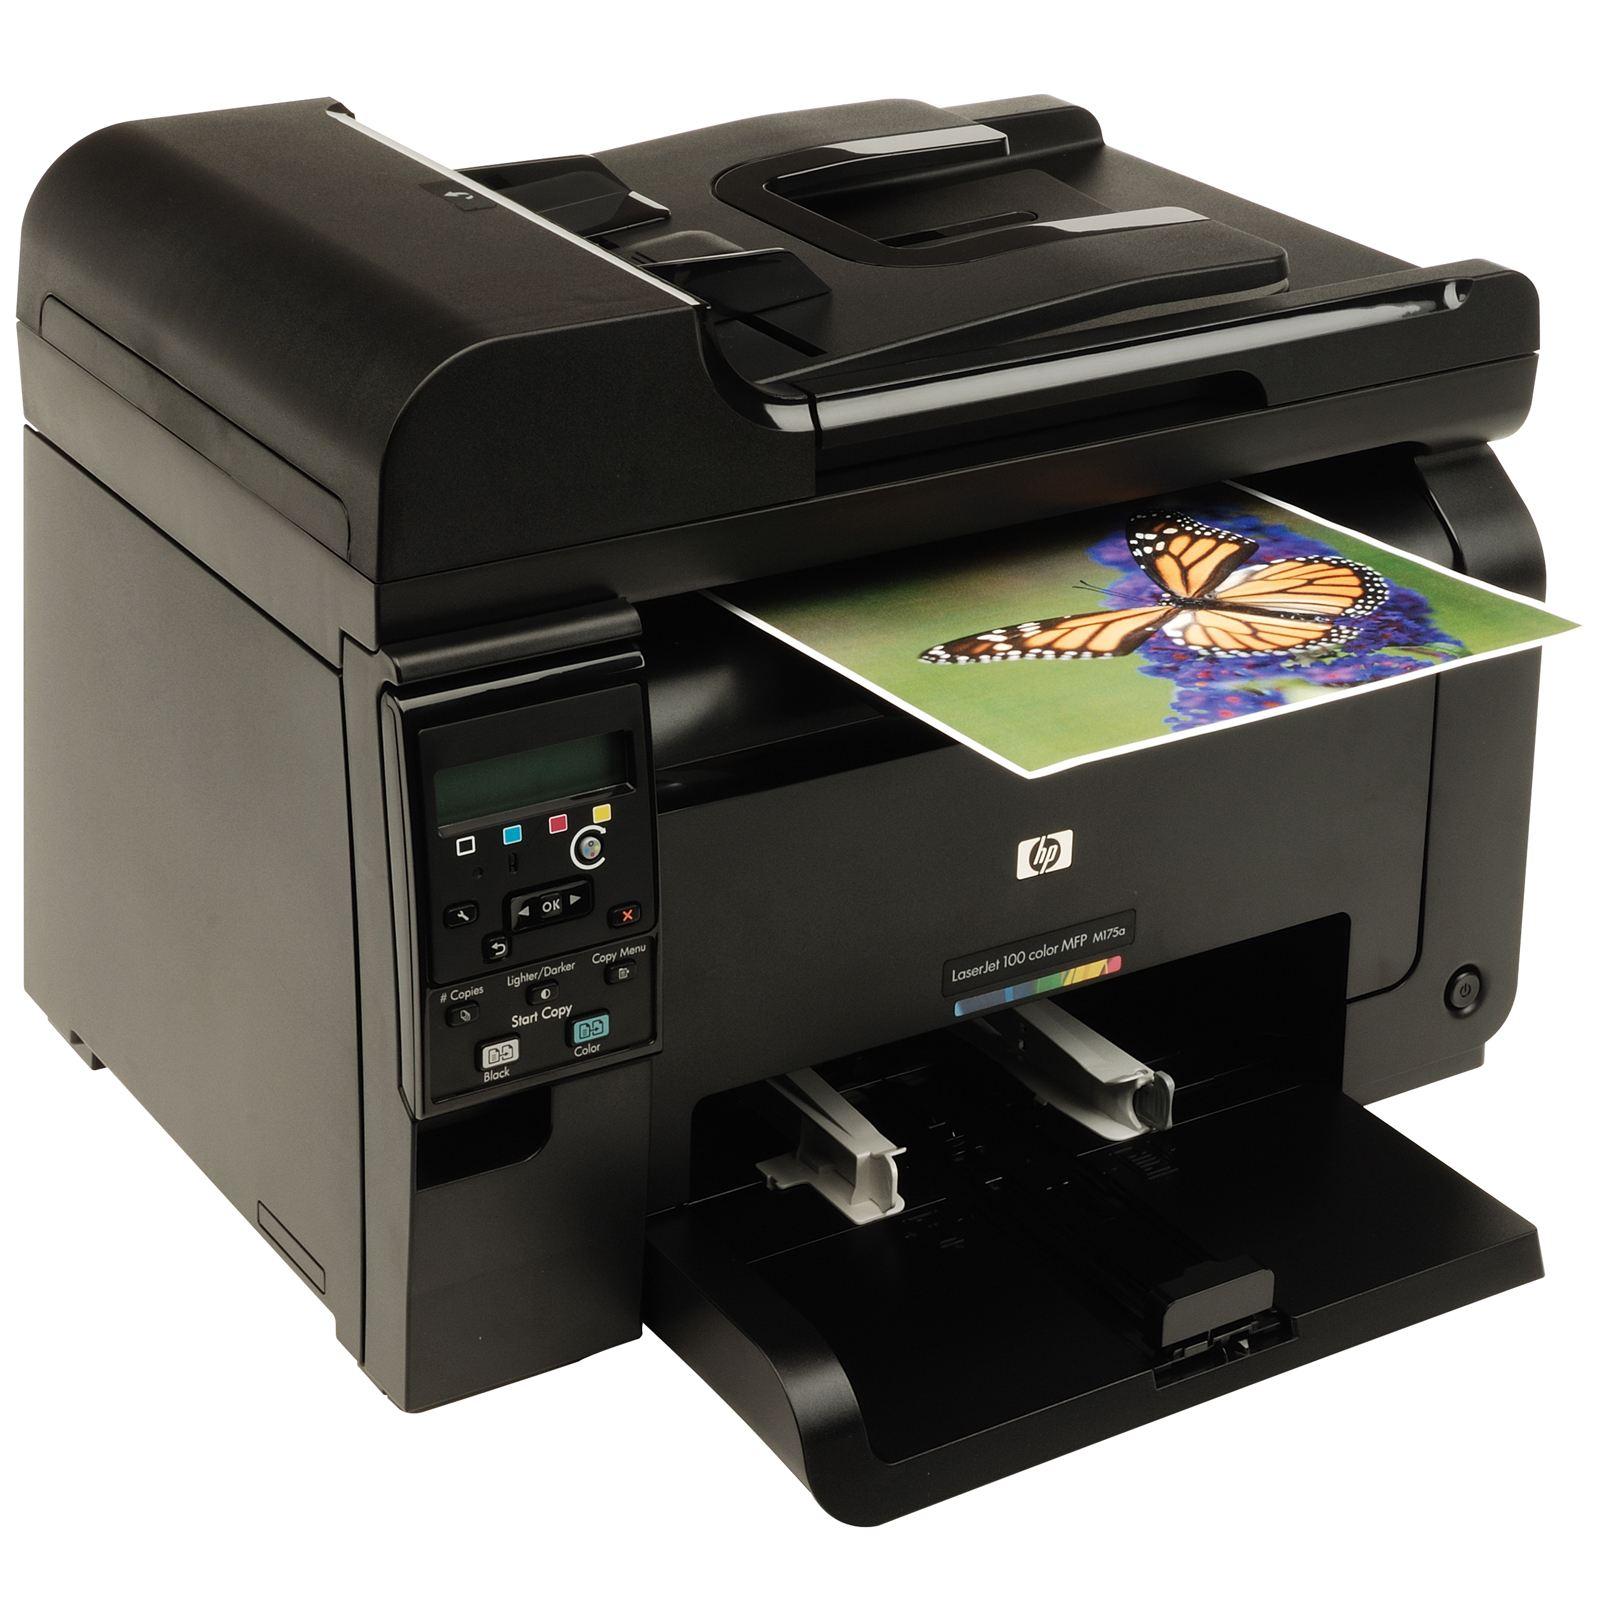 Принтер HP LaserJet Pro 100 color MFP M175a